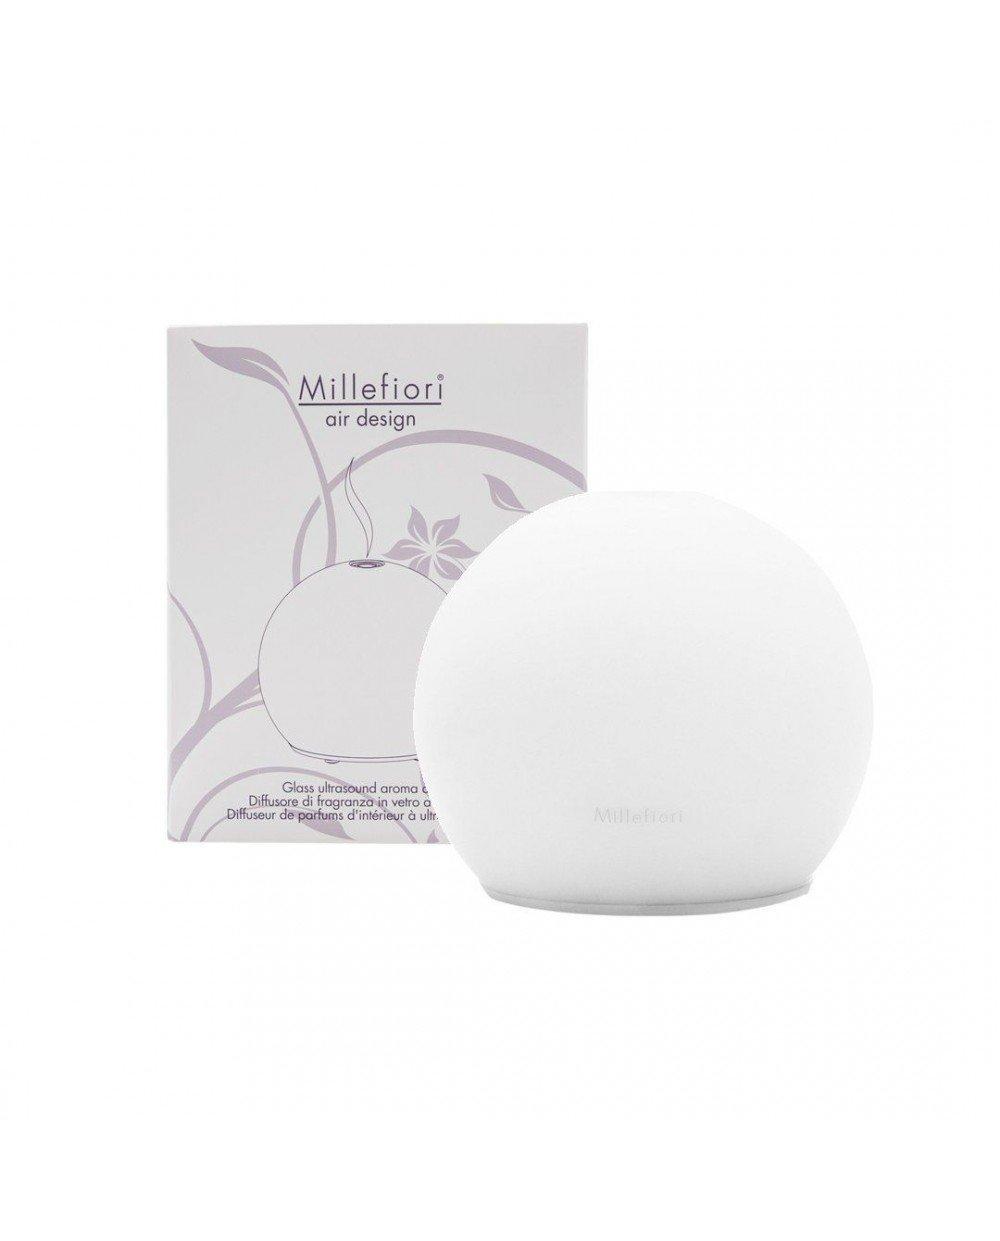 Diffusore di fragranza a sfera ad ultrasuoni millefiori